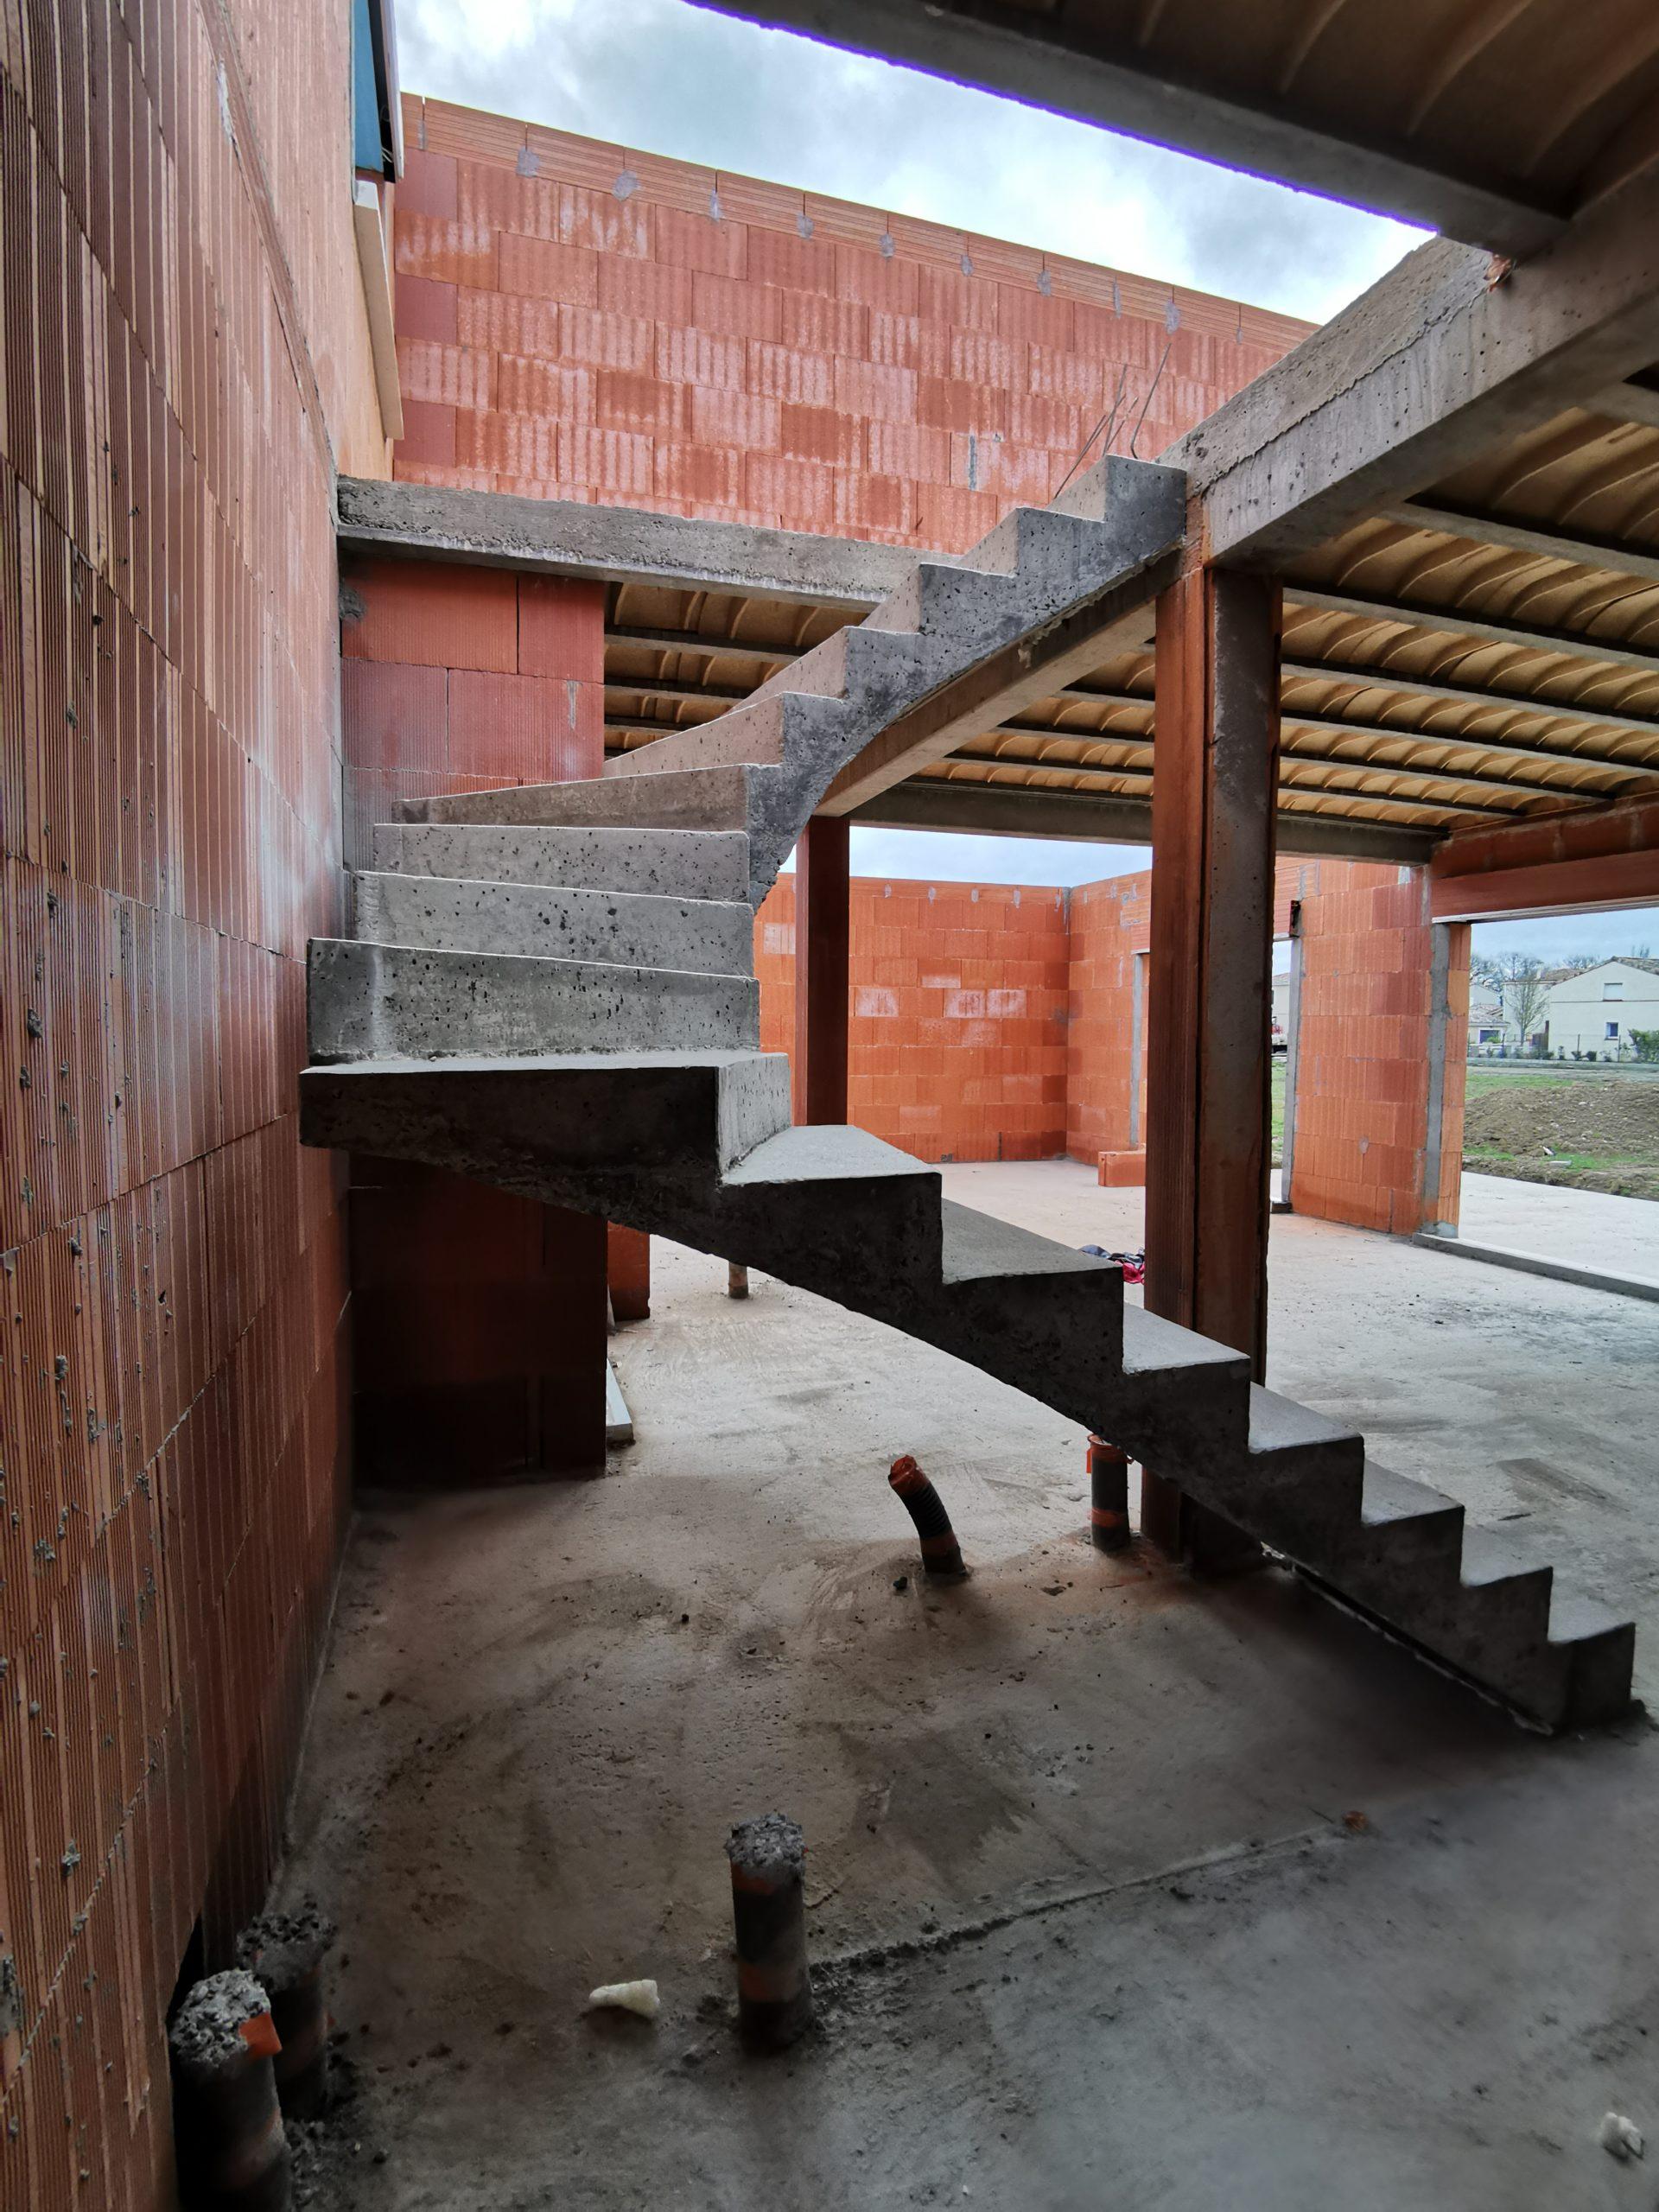 Escalier deux quart balancé avec réservation pour isolant afin d'éviter les ponts thermiques